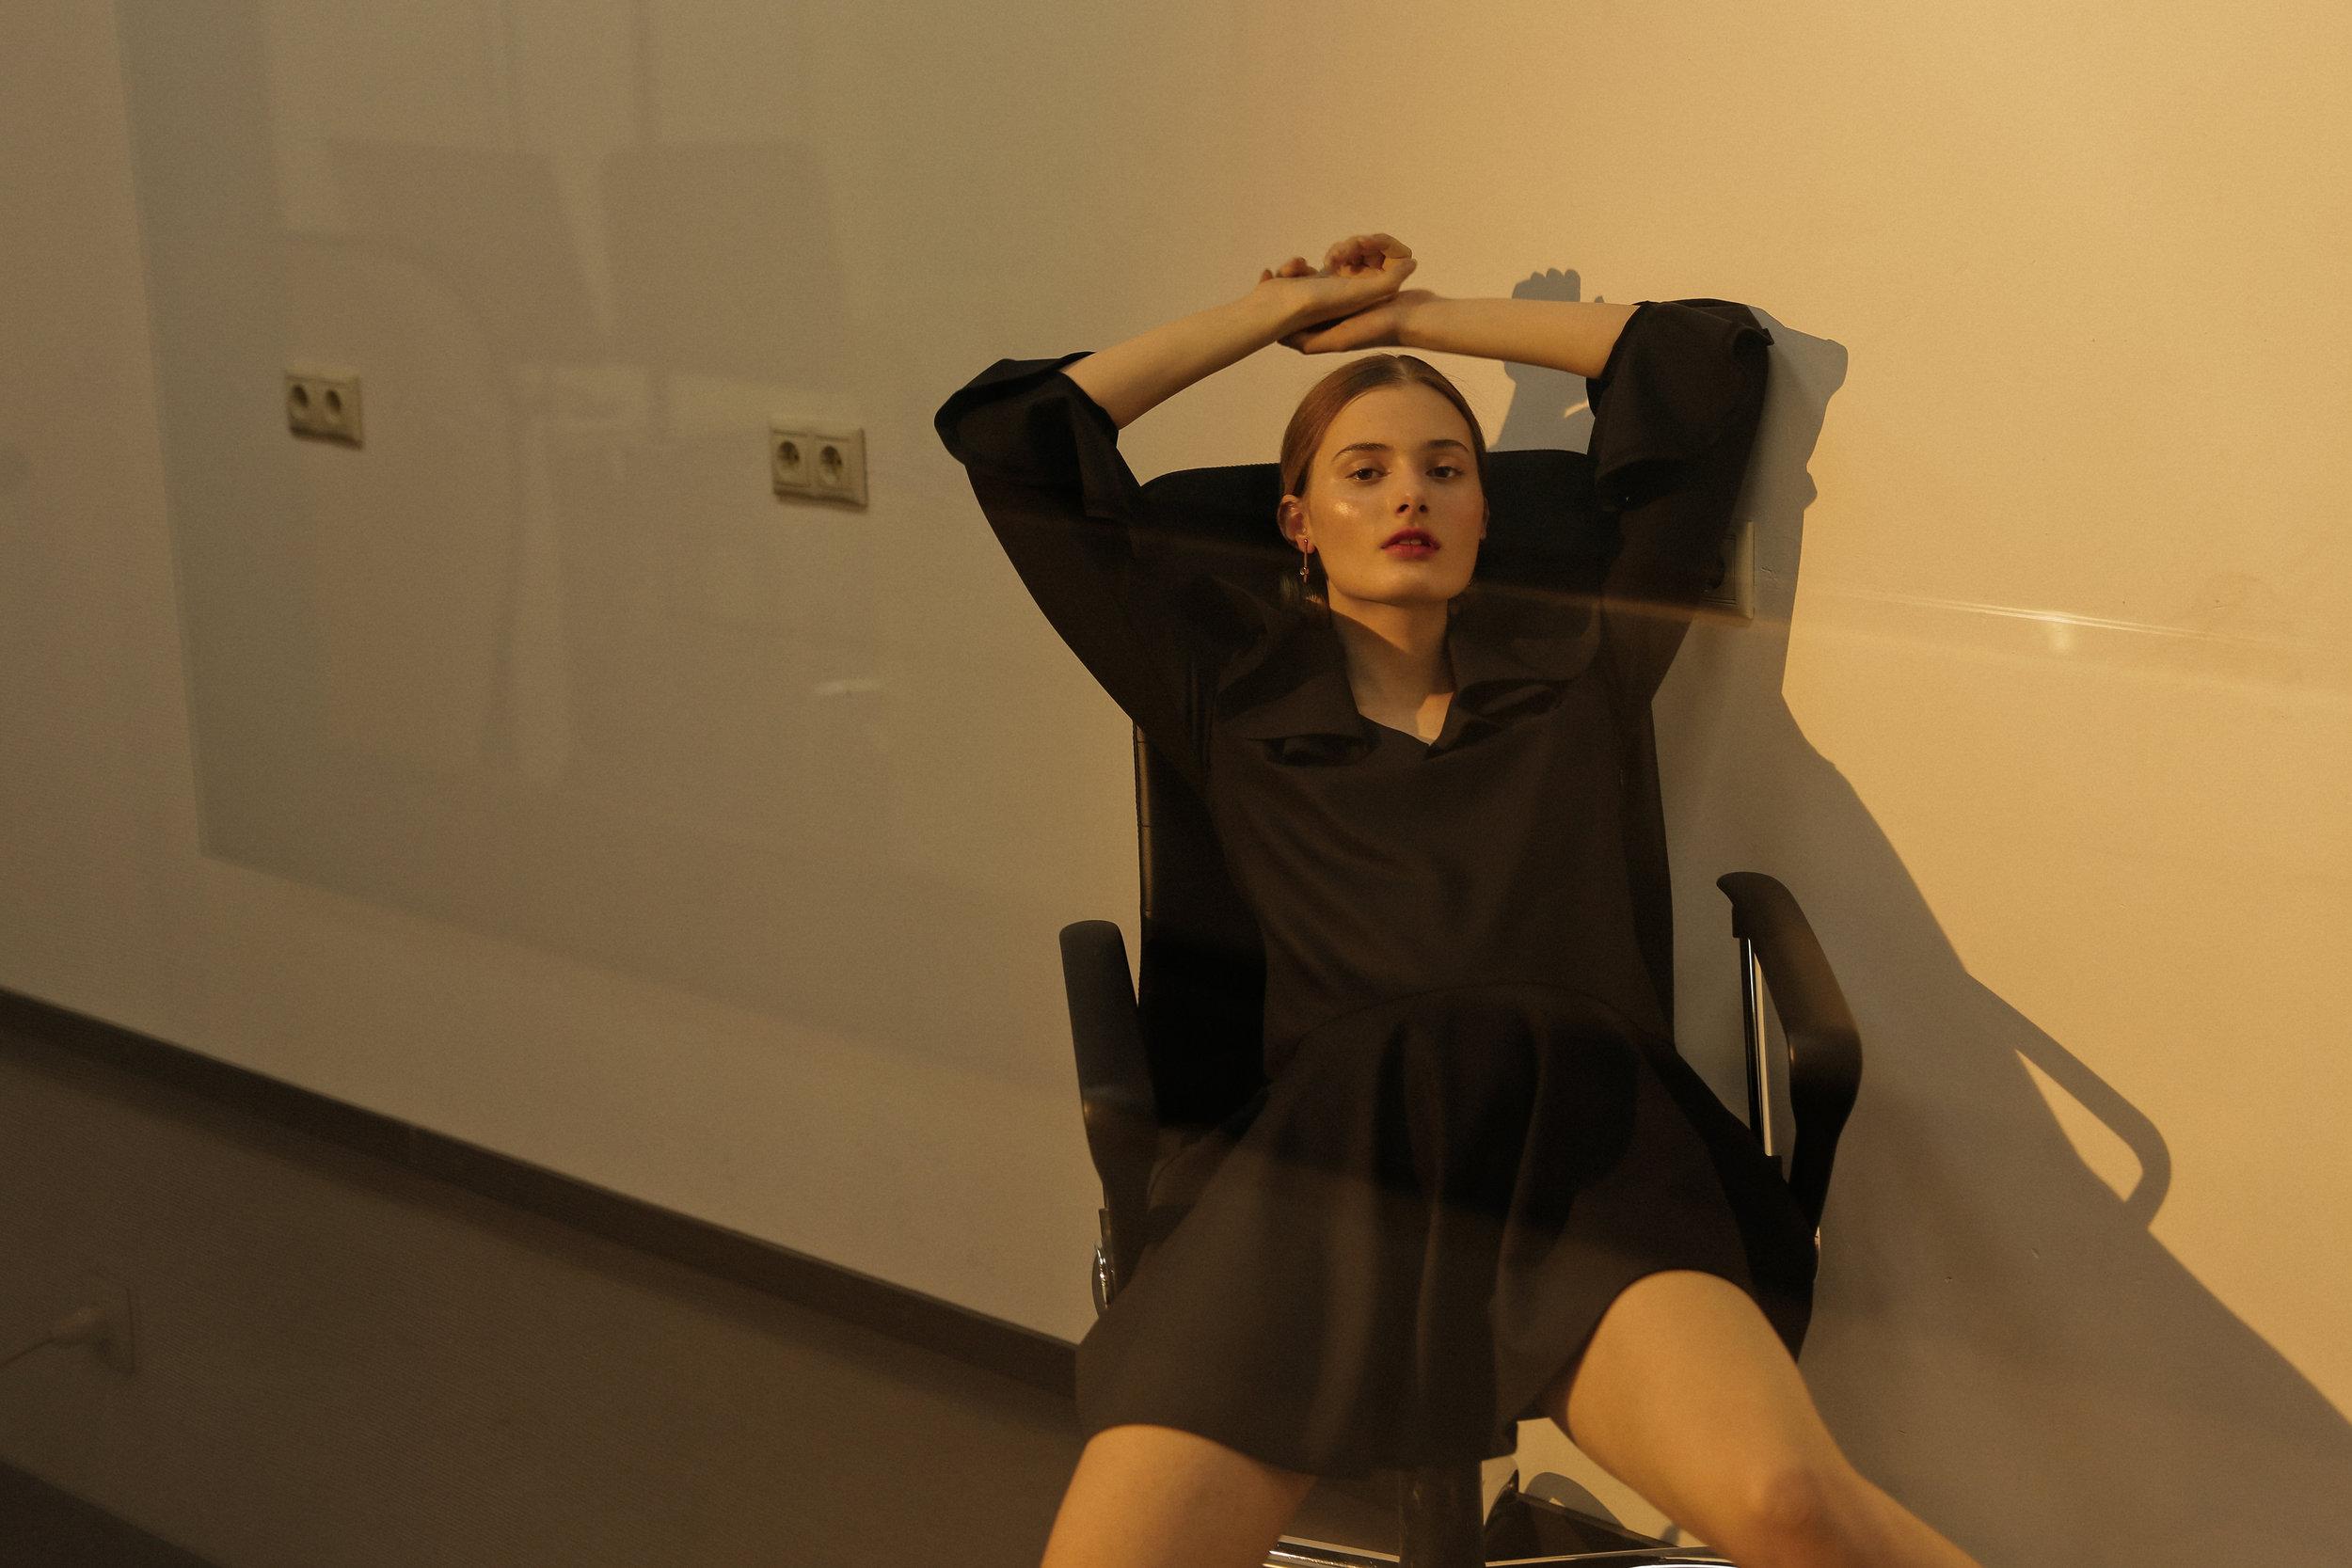 Dress Li-lu, shoes Lagerfeld, earrings NUUK, Christina Ramella, lingerie MOON Underwear